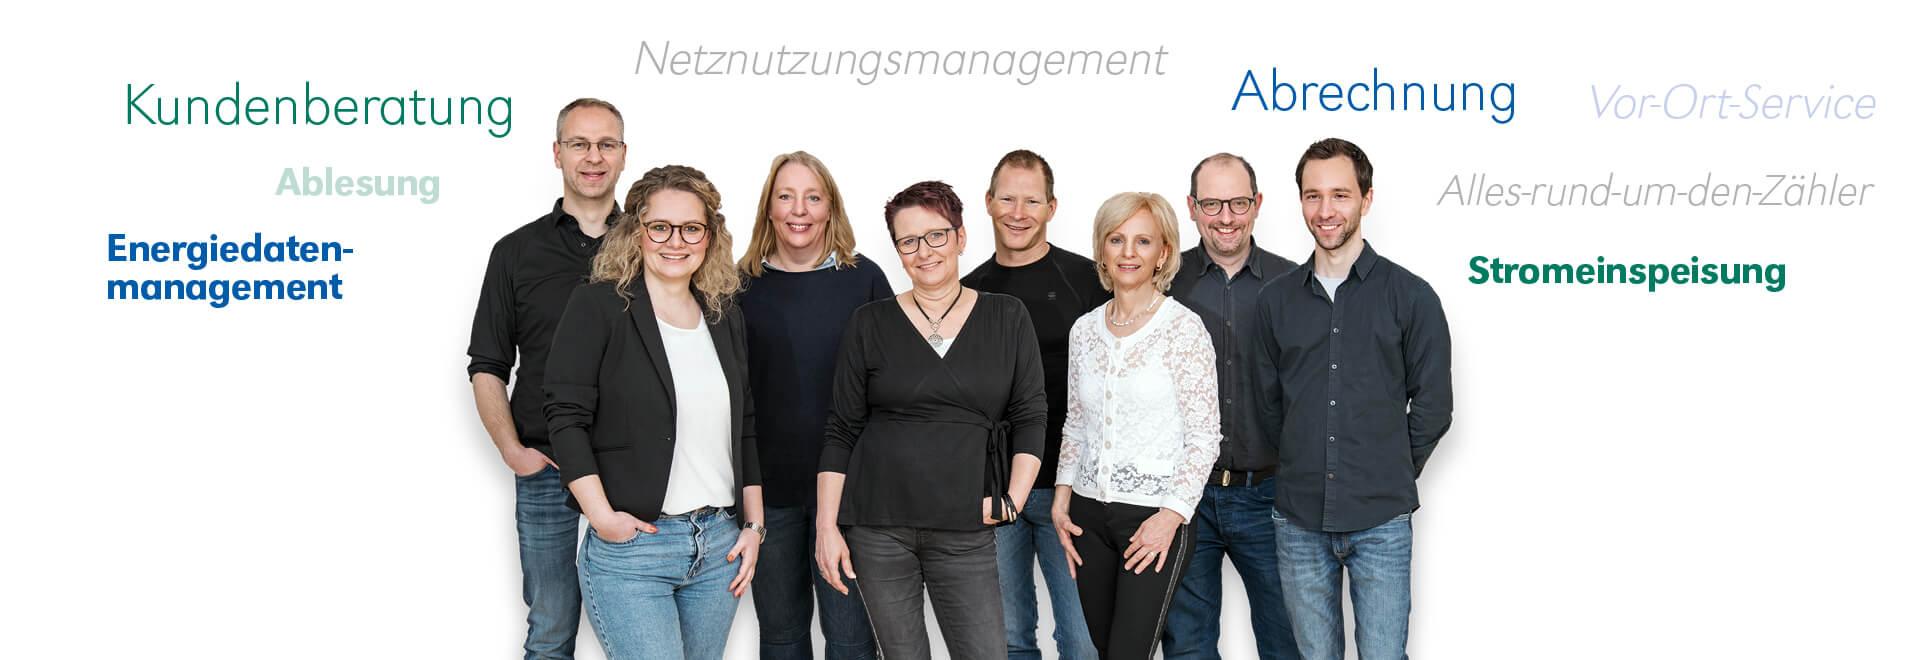 TWO Team Kundenservice mit Wortwolken